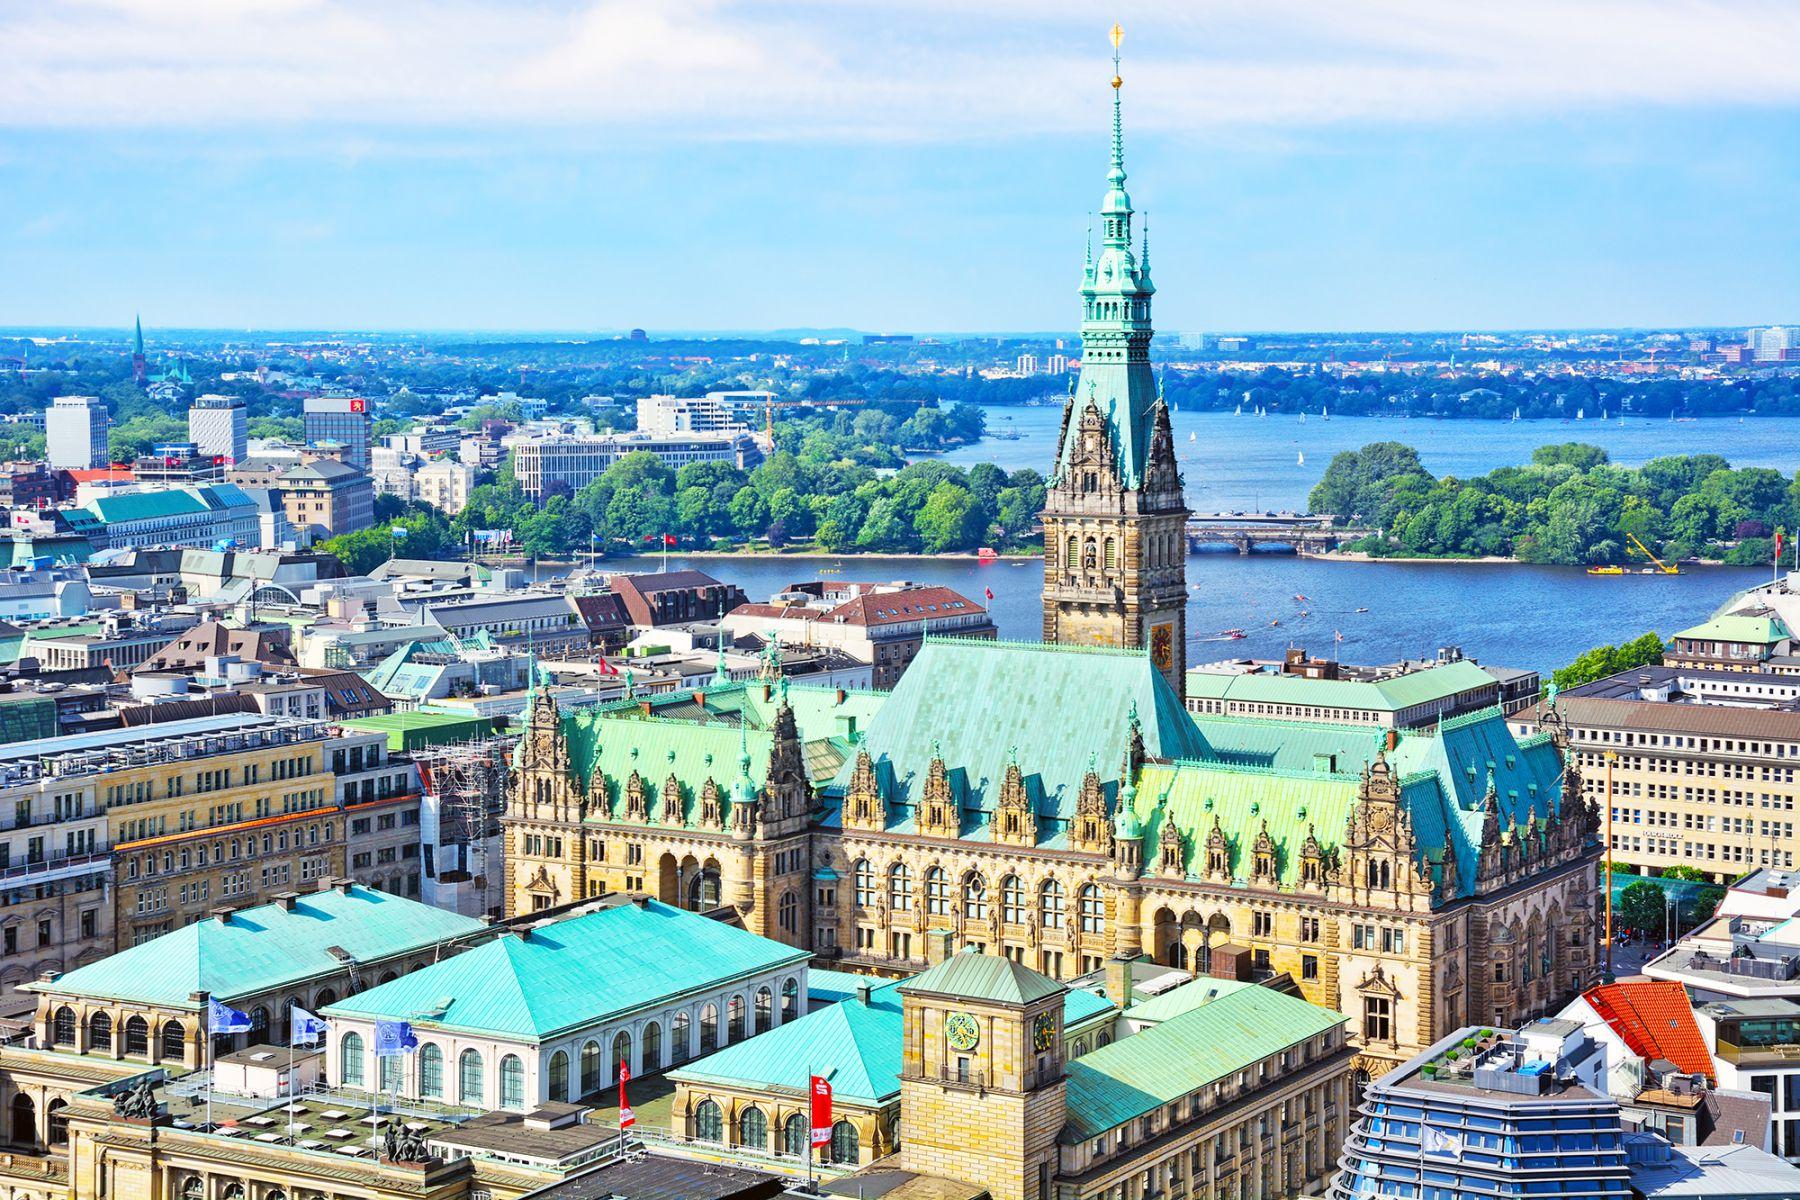 Het stadhuis van Hamburg vanuit de lucht | credit: alpien (iStock)